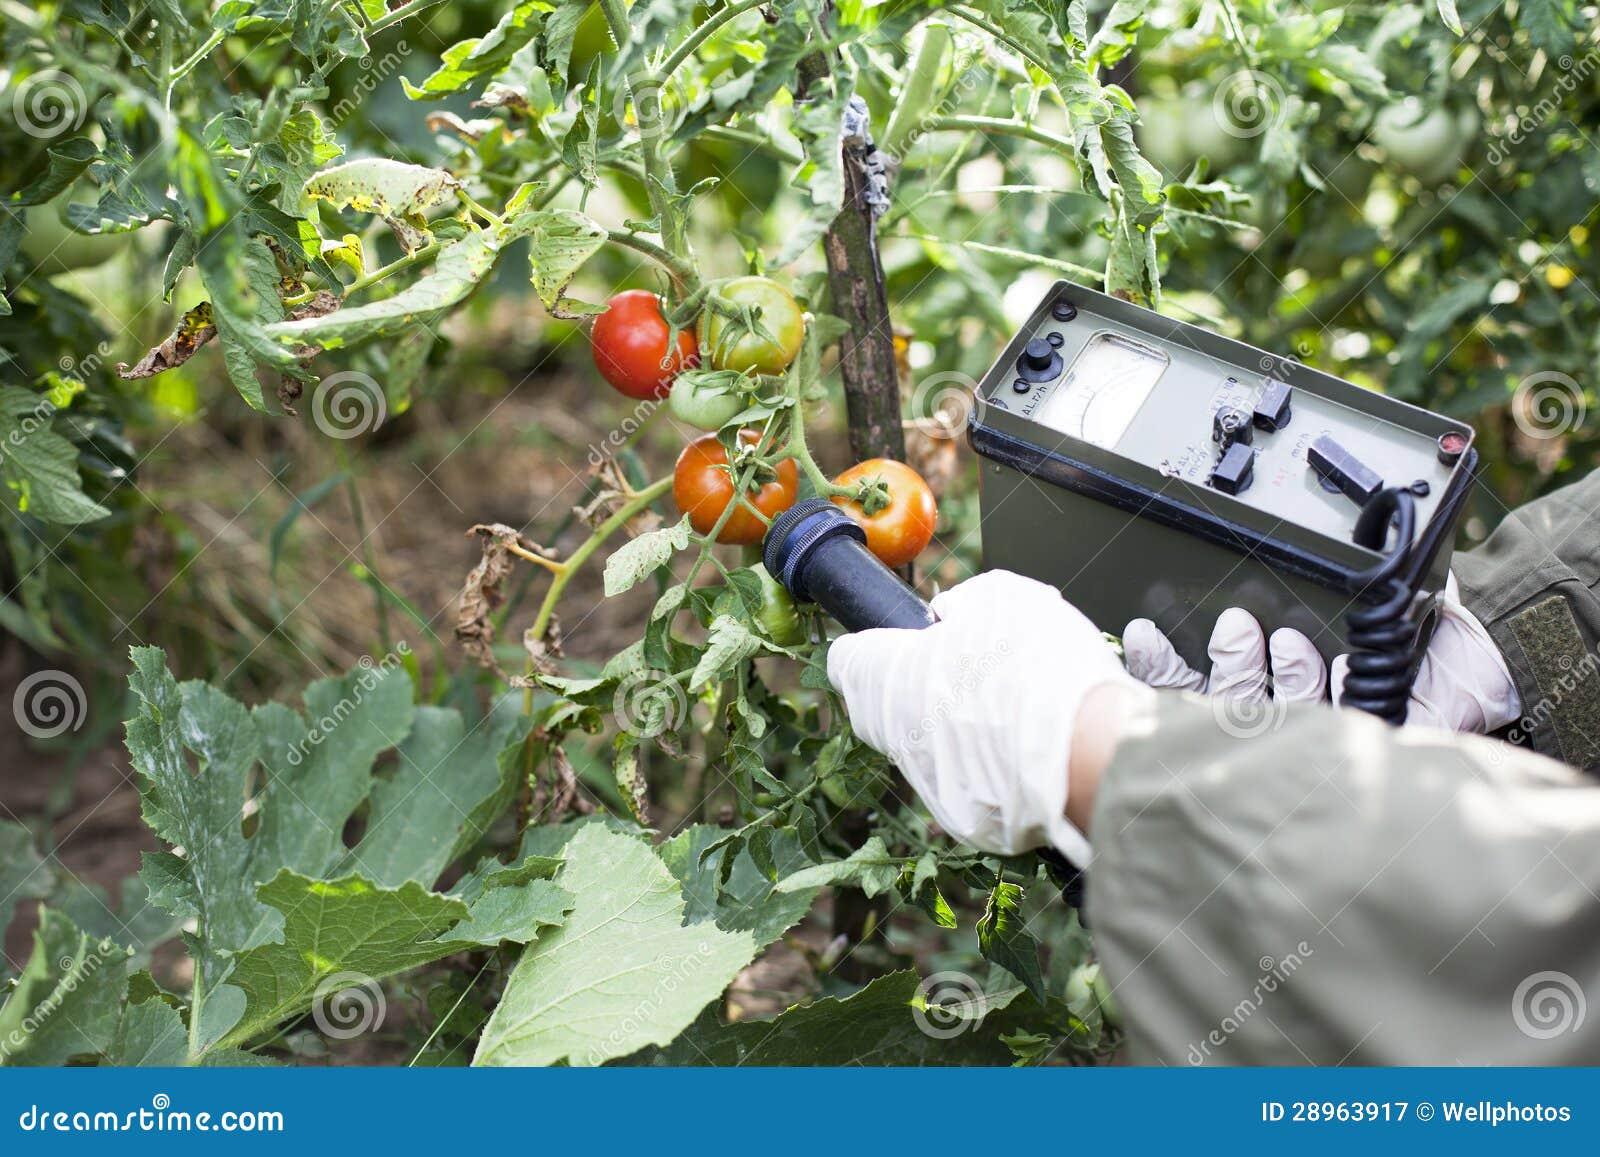 Μέτρηση των επιπέδων ακτινοβολίας ντομάτας